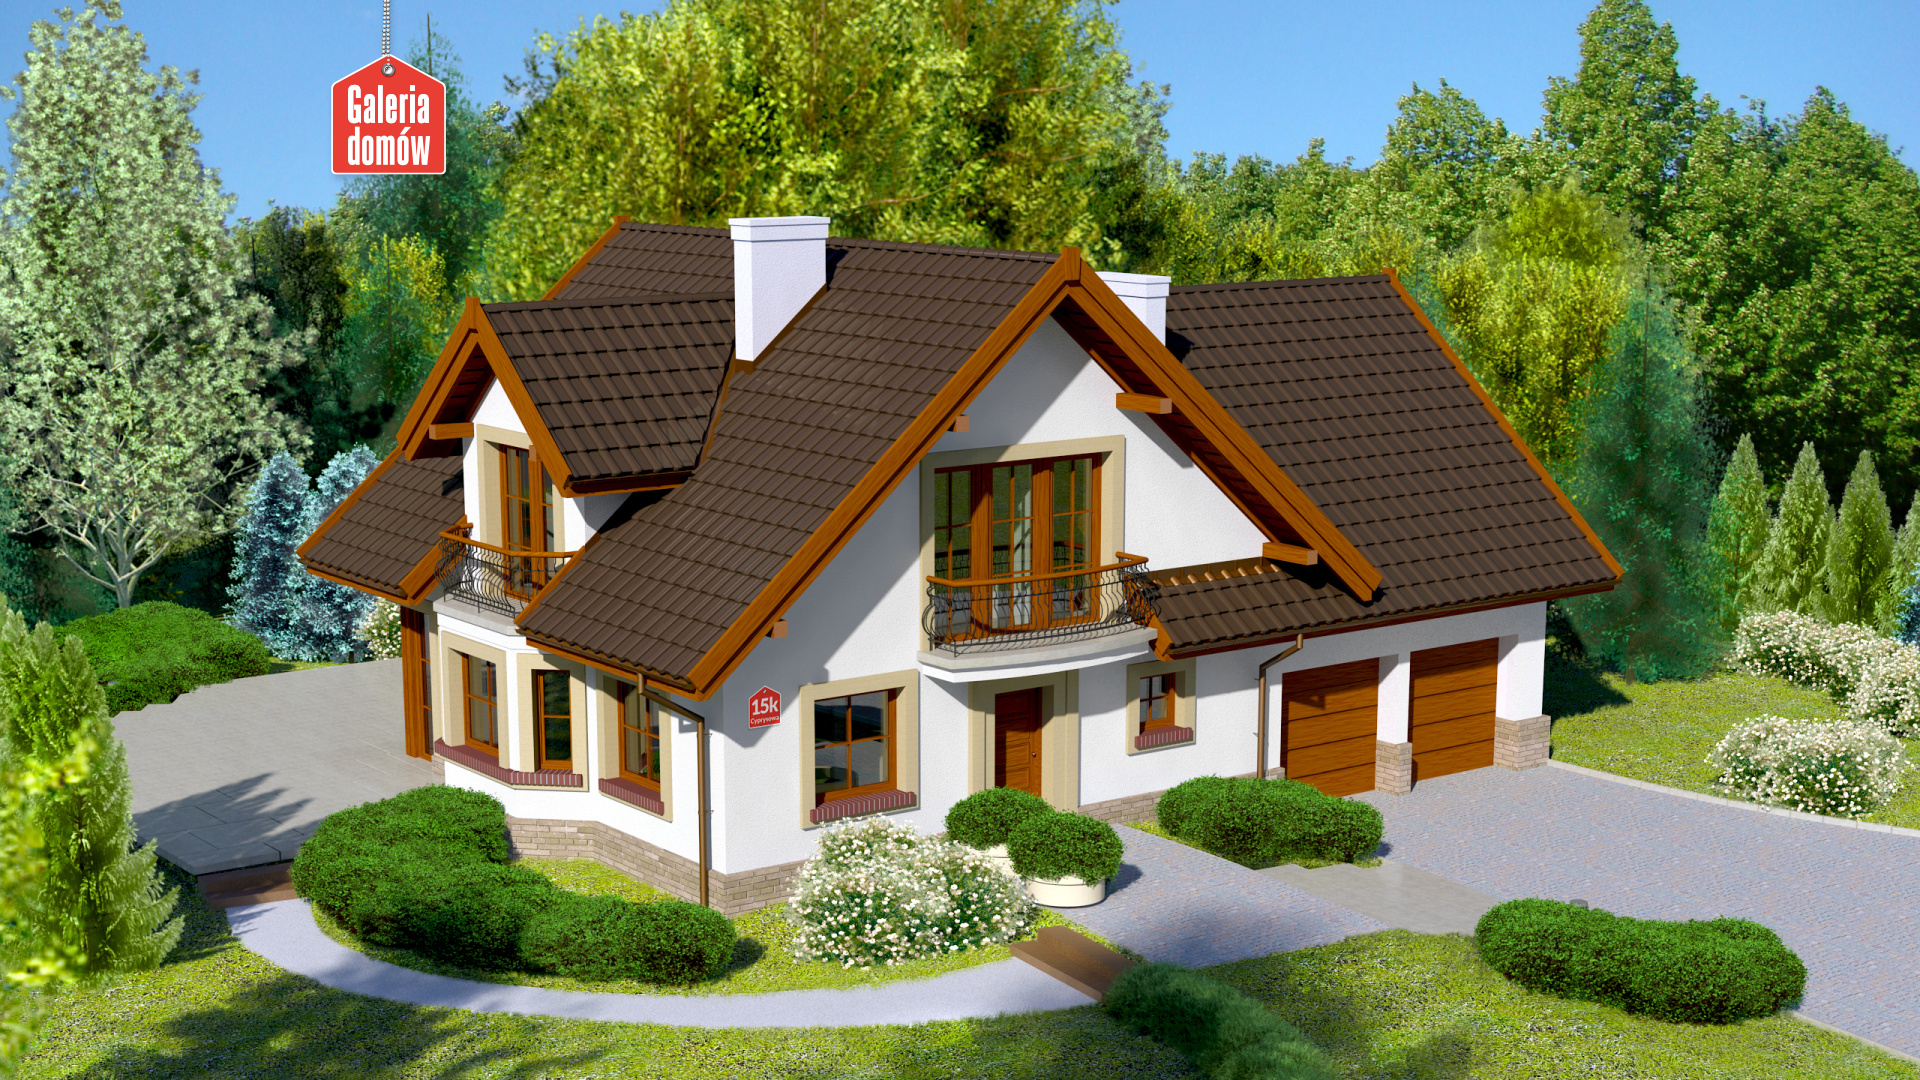 Dom przy Cyprysowej 15 K - zdjęcie projektu i wizualizacja